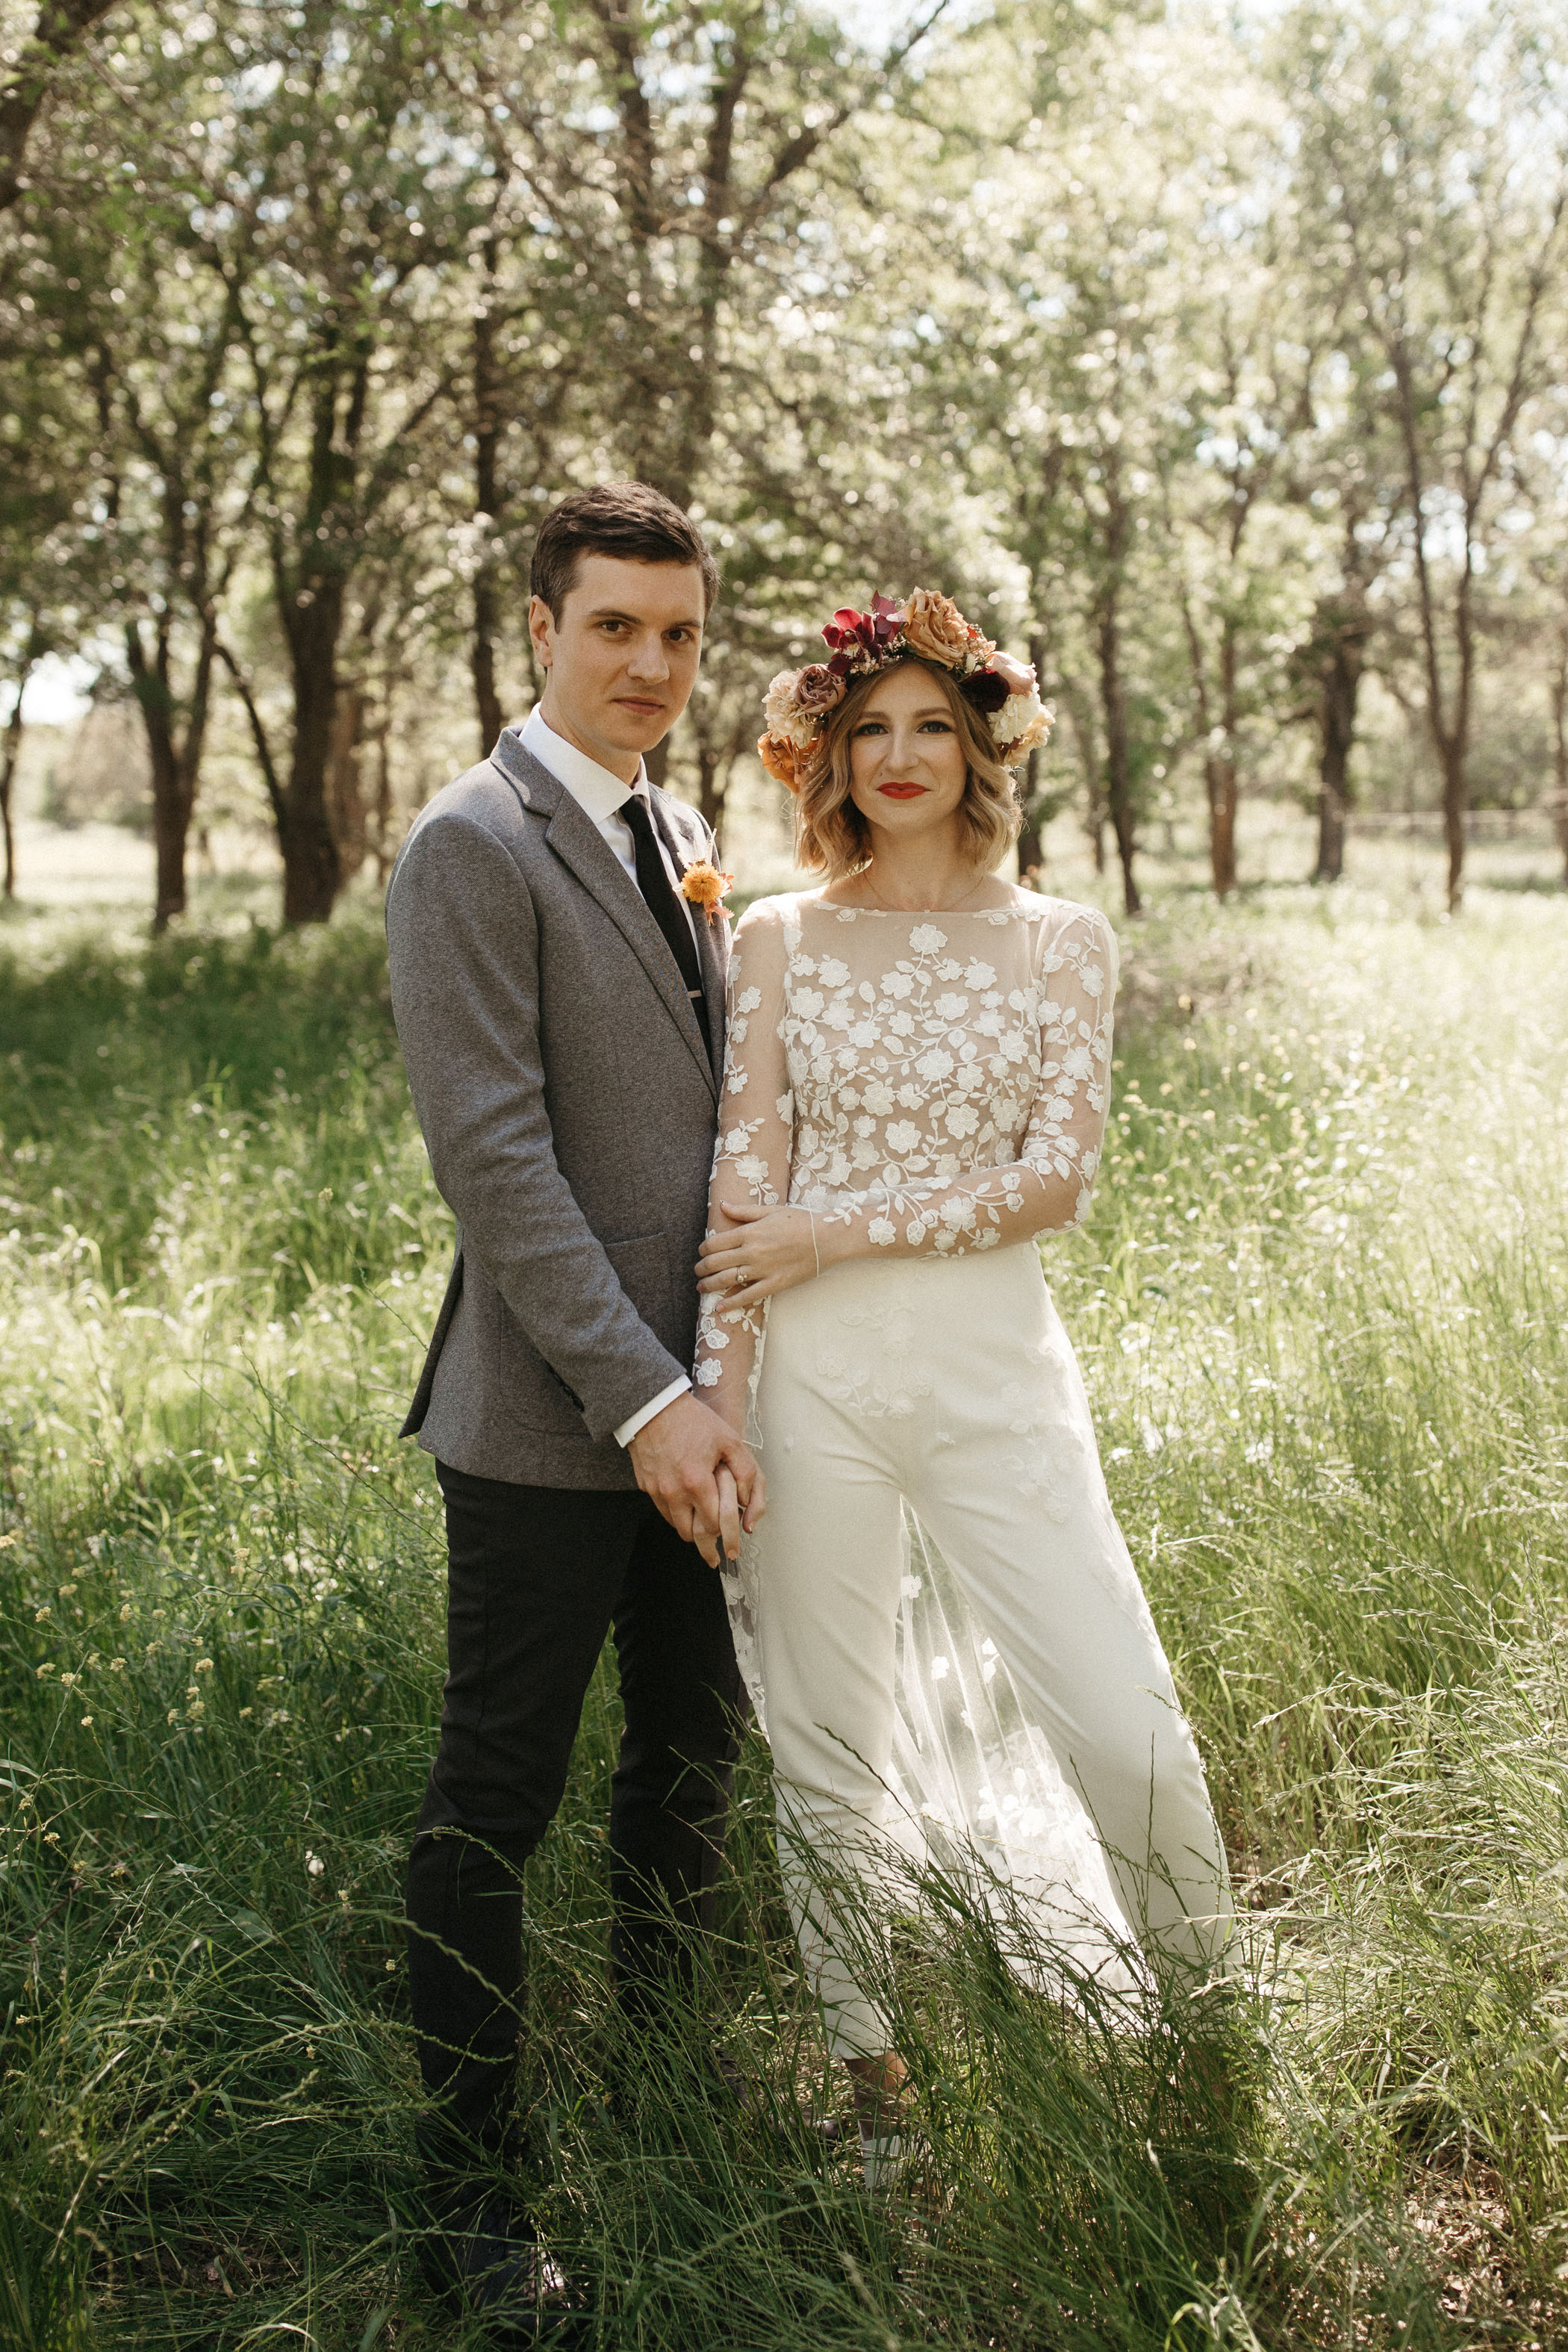 White Jumpsuit Wedding Attire